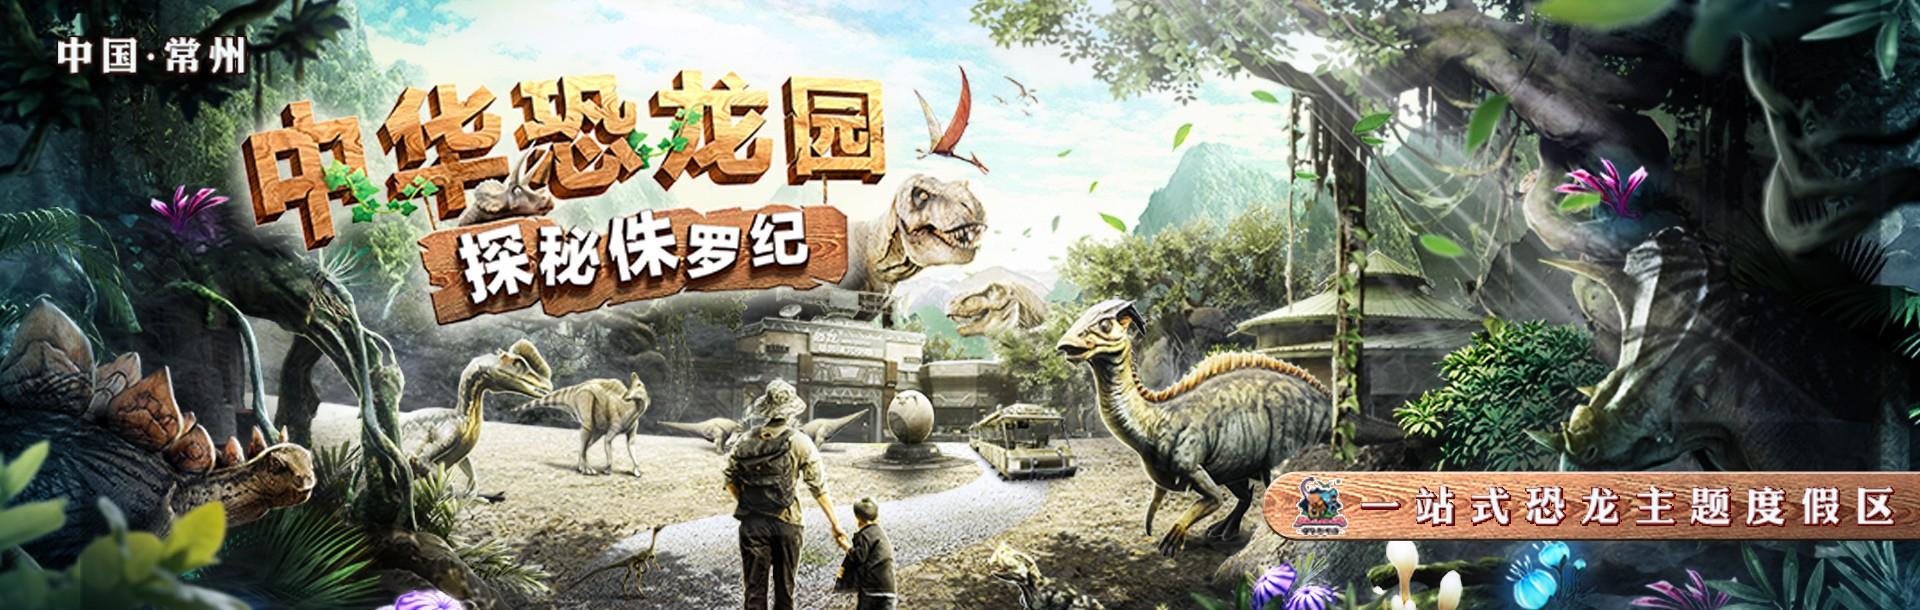 中华恐龙园在哪,常州中华恐龙园怎么走,恐龙园全园导览图